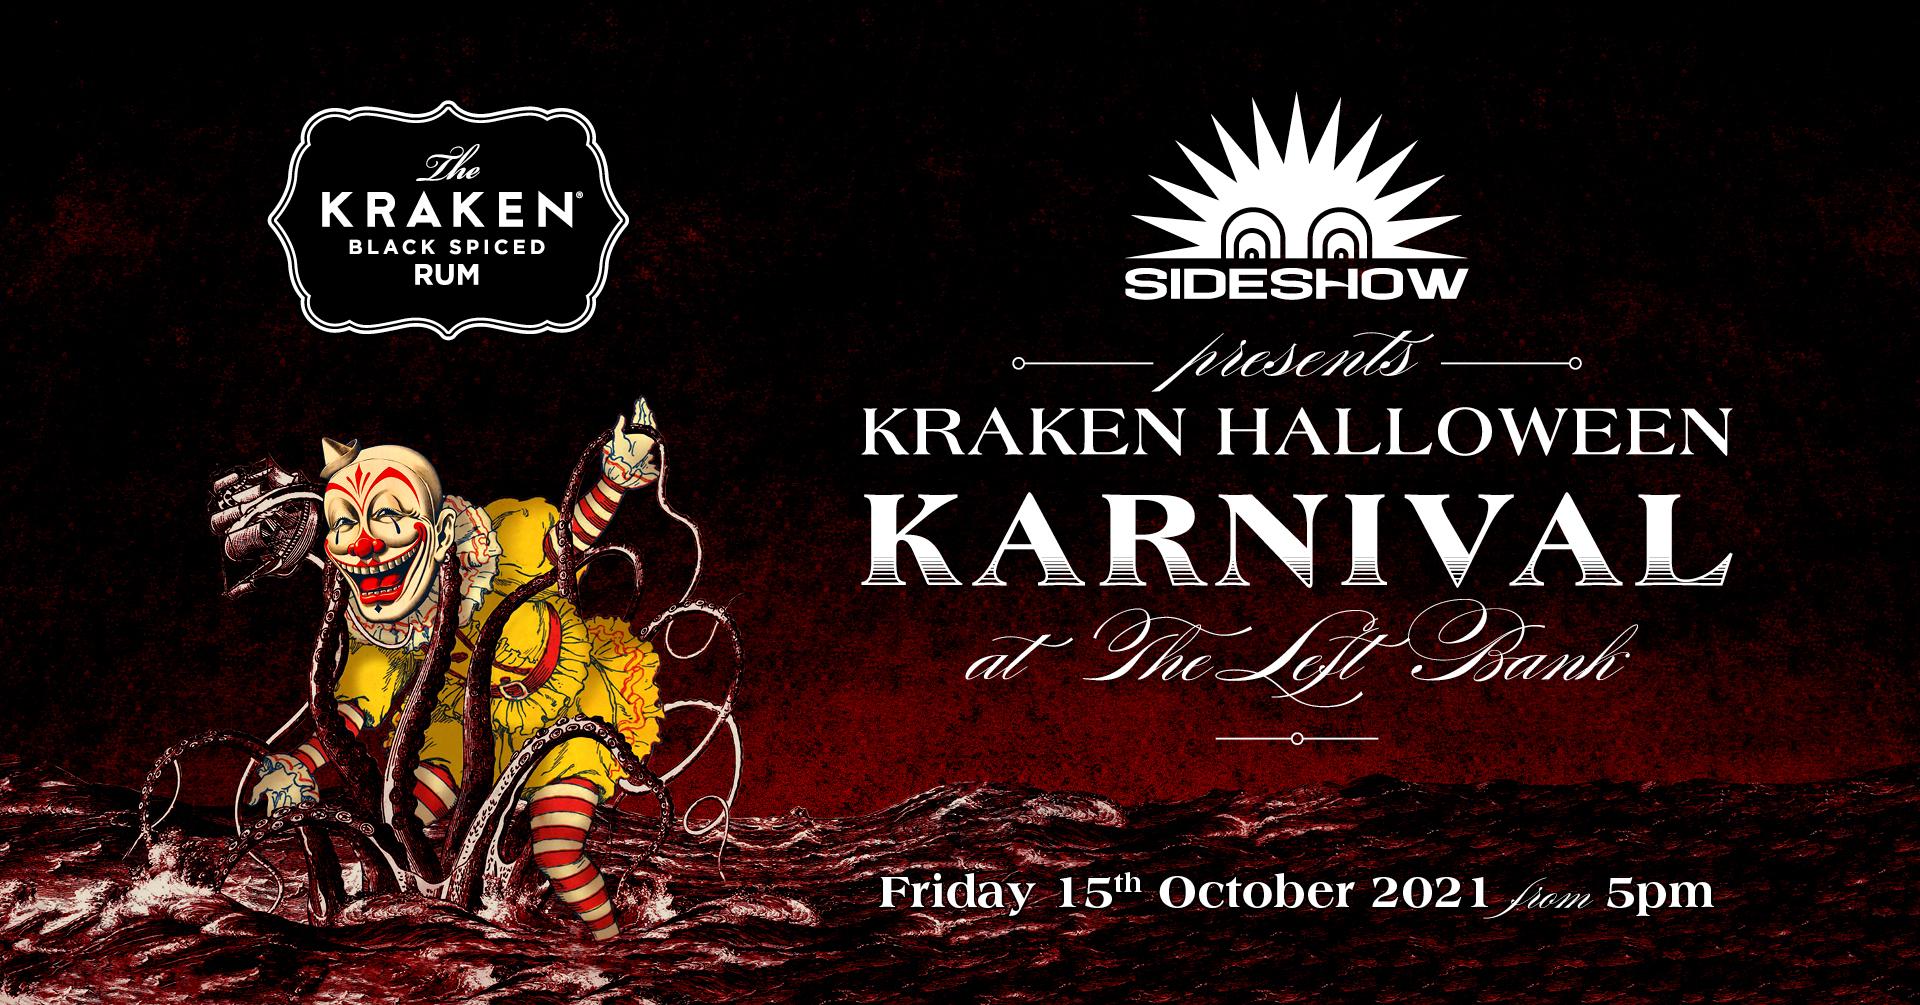 Kraken Halloween Karnival 2021